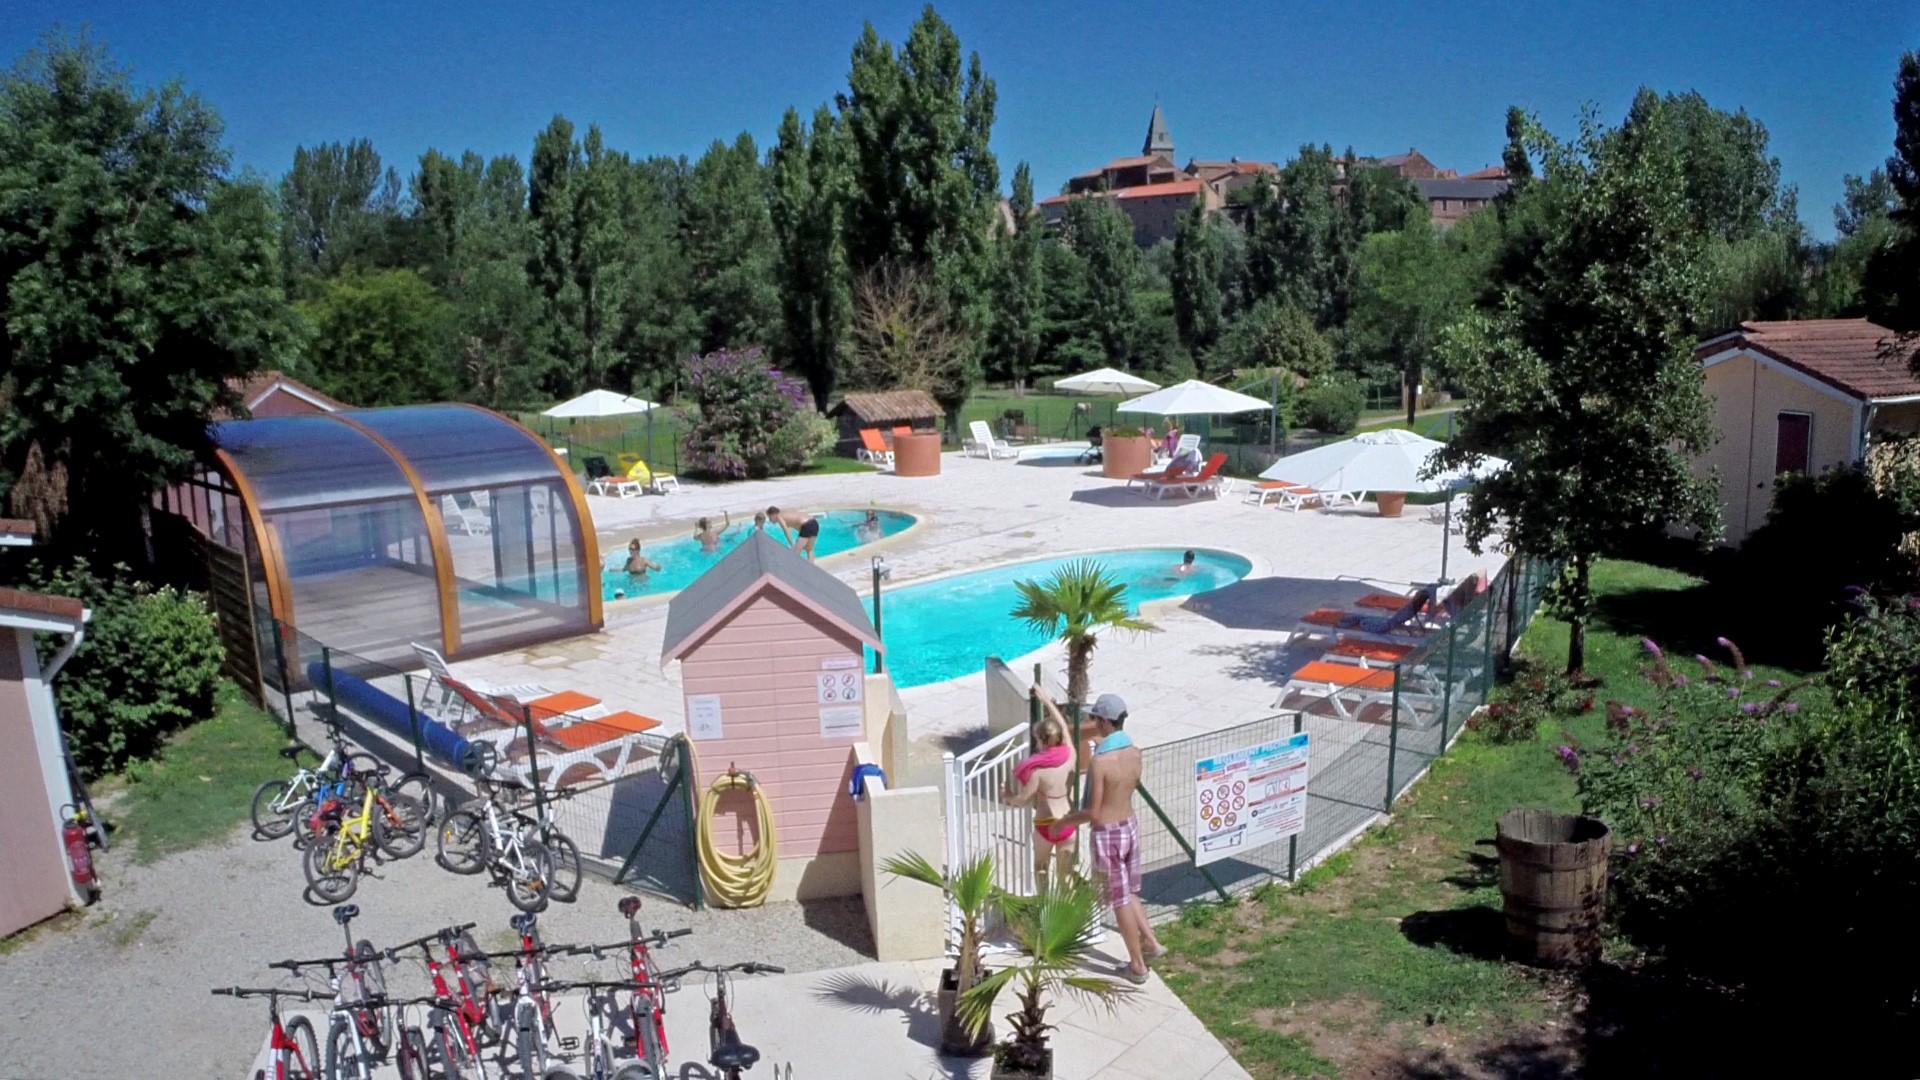 Activit gite en aveyron piscine chauff e etc couverte for Vacances en aveyron avec piscine